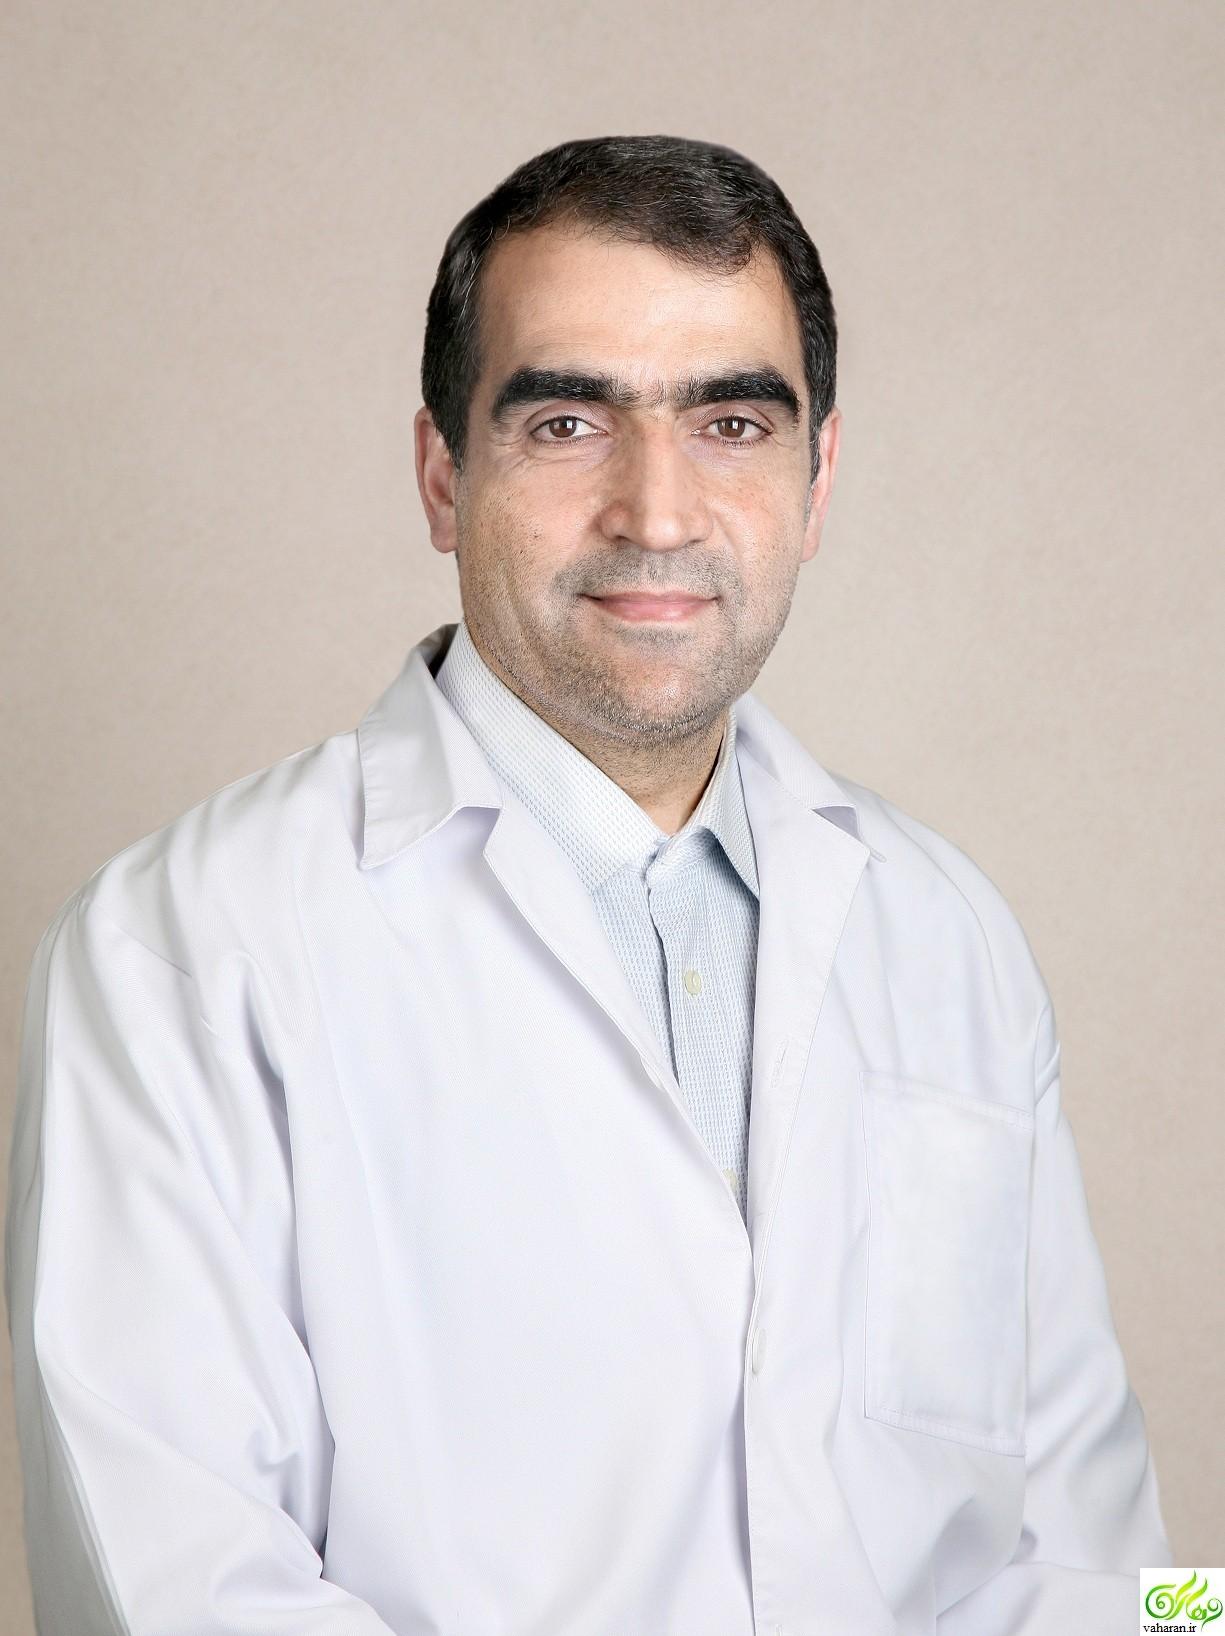 درگیری لفظی شدید هاشمی وزیر بهداشت در ایلام با فرماندار + فیلم